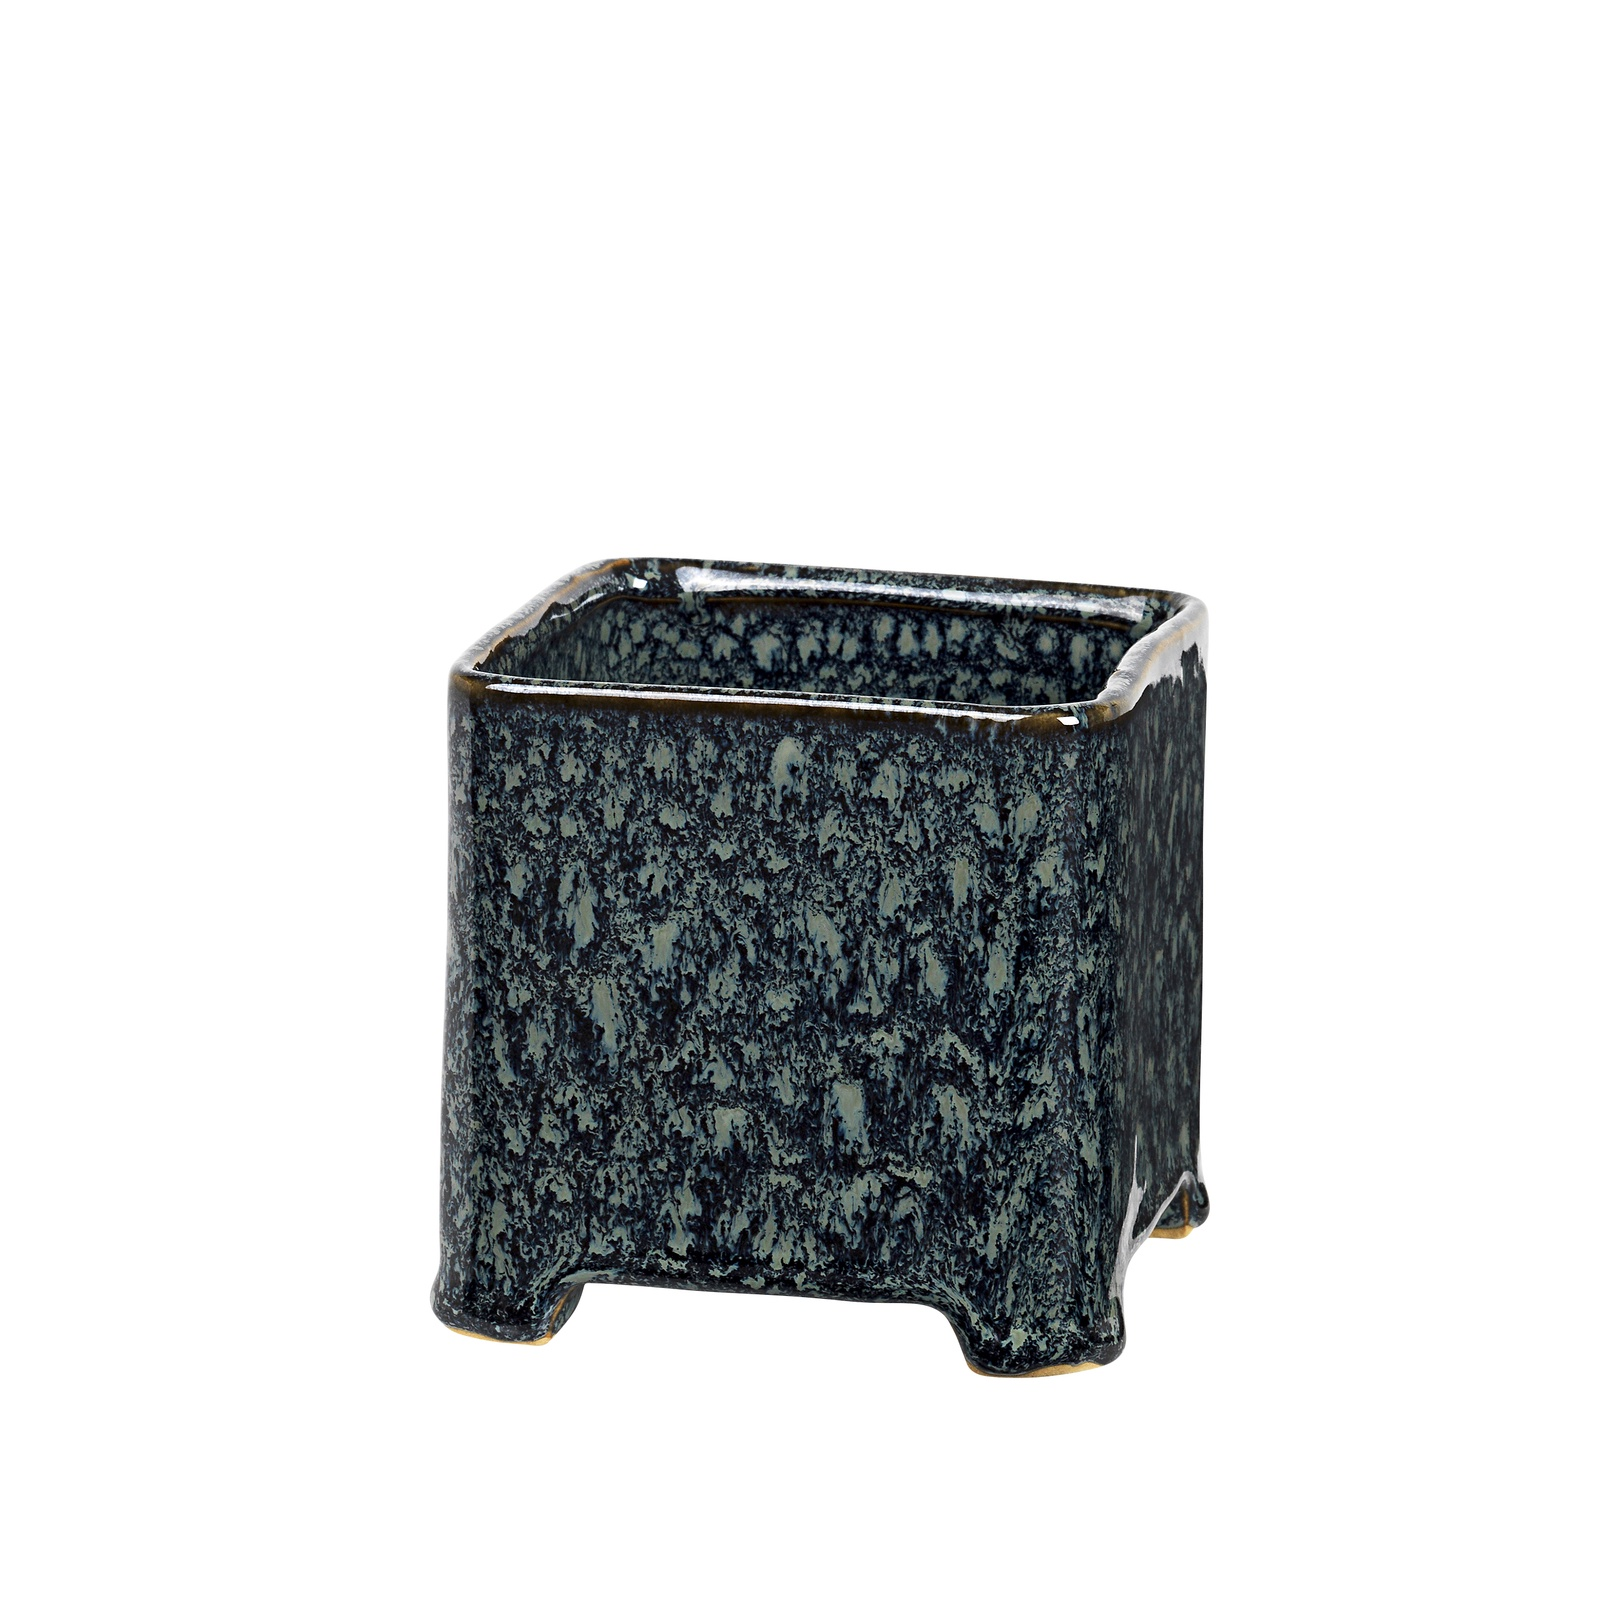 Горшок для цветов Broste Annie, 15500278, темно-синий, 10х10х10,5 см цена